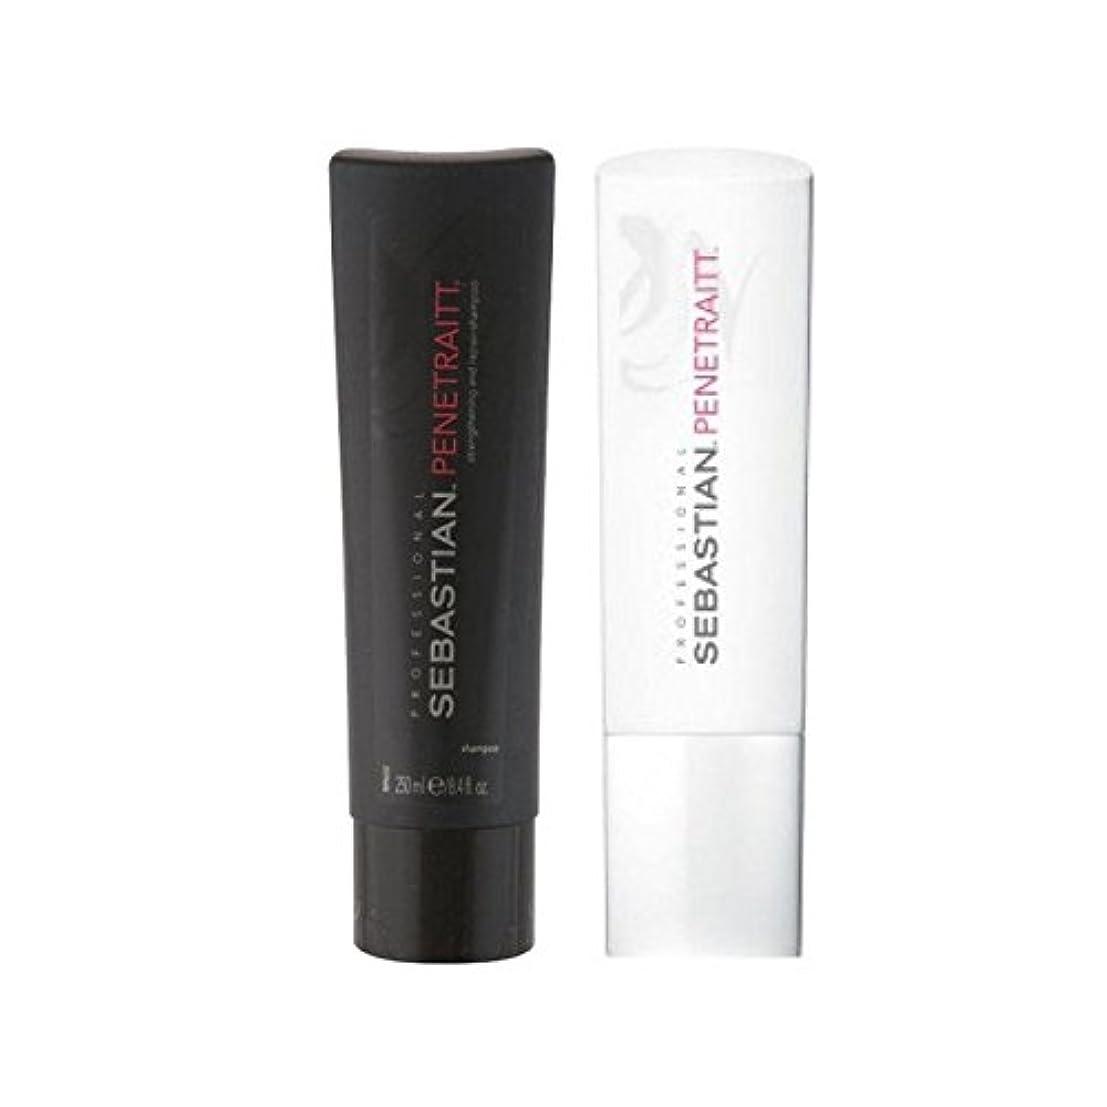 回想光の便利Sebastian Professional Penetraitt Duo - Shampoo & Conditioner - セバスチャンプロデュオ - シャンプー&コンディショナー [並行輸入品]